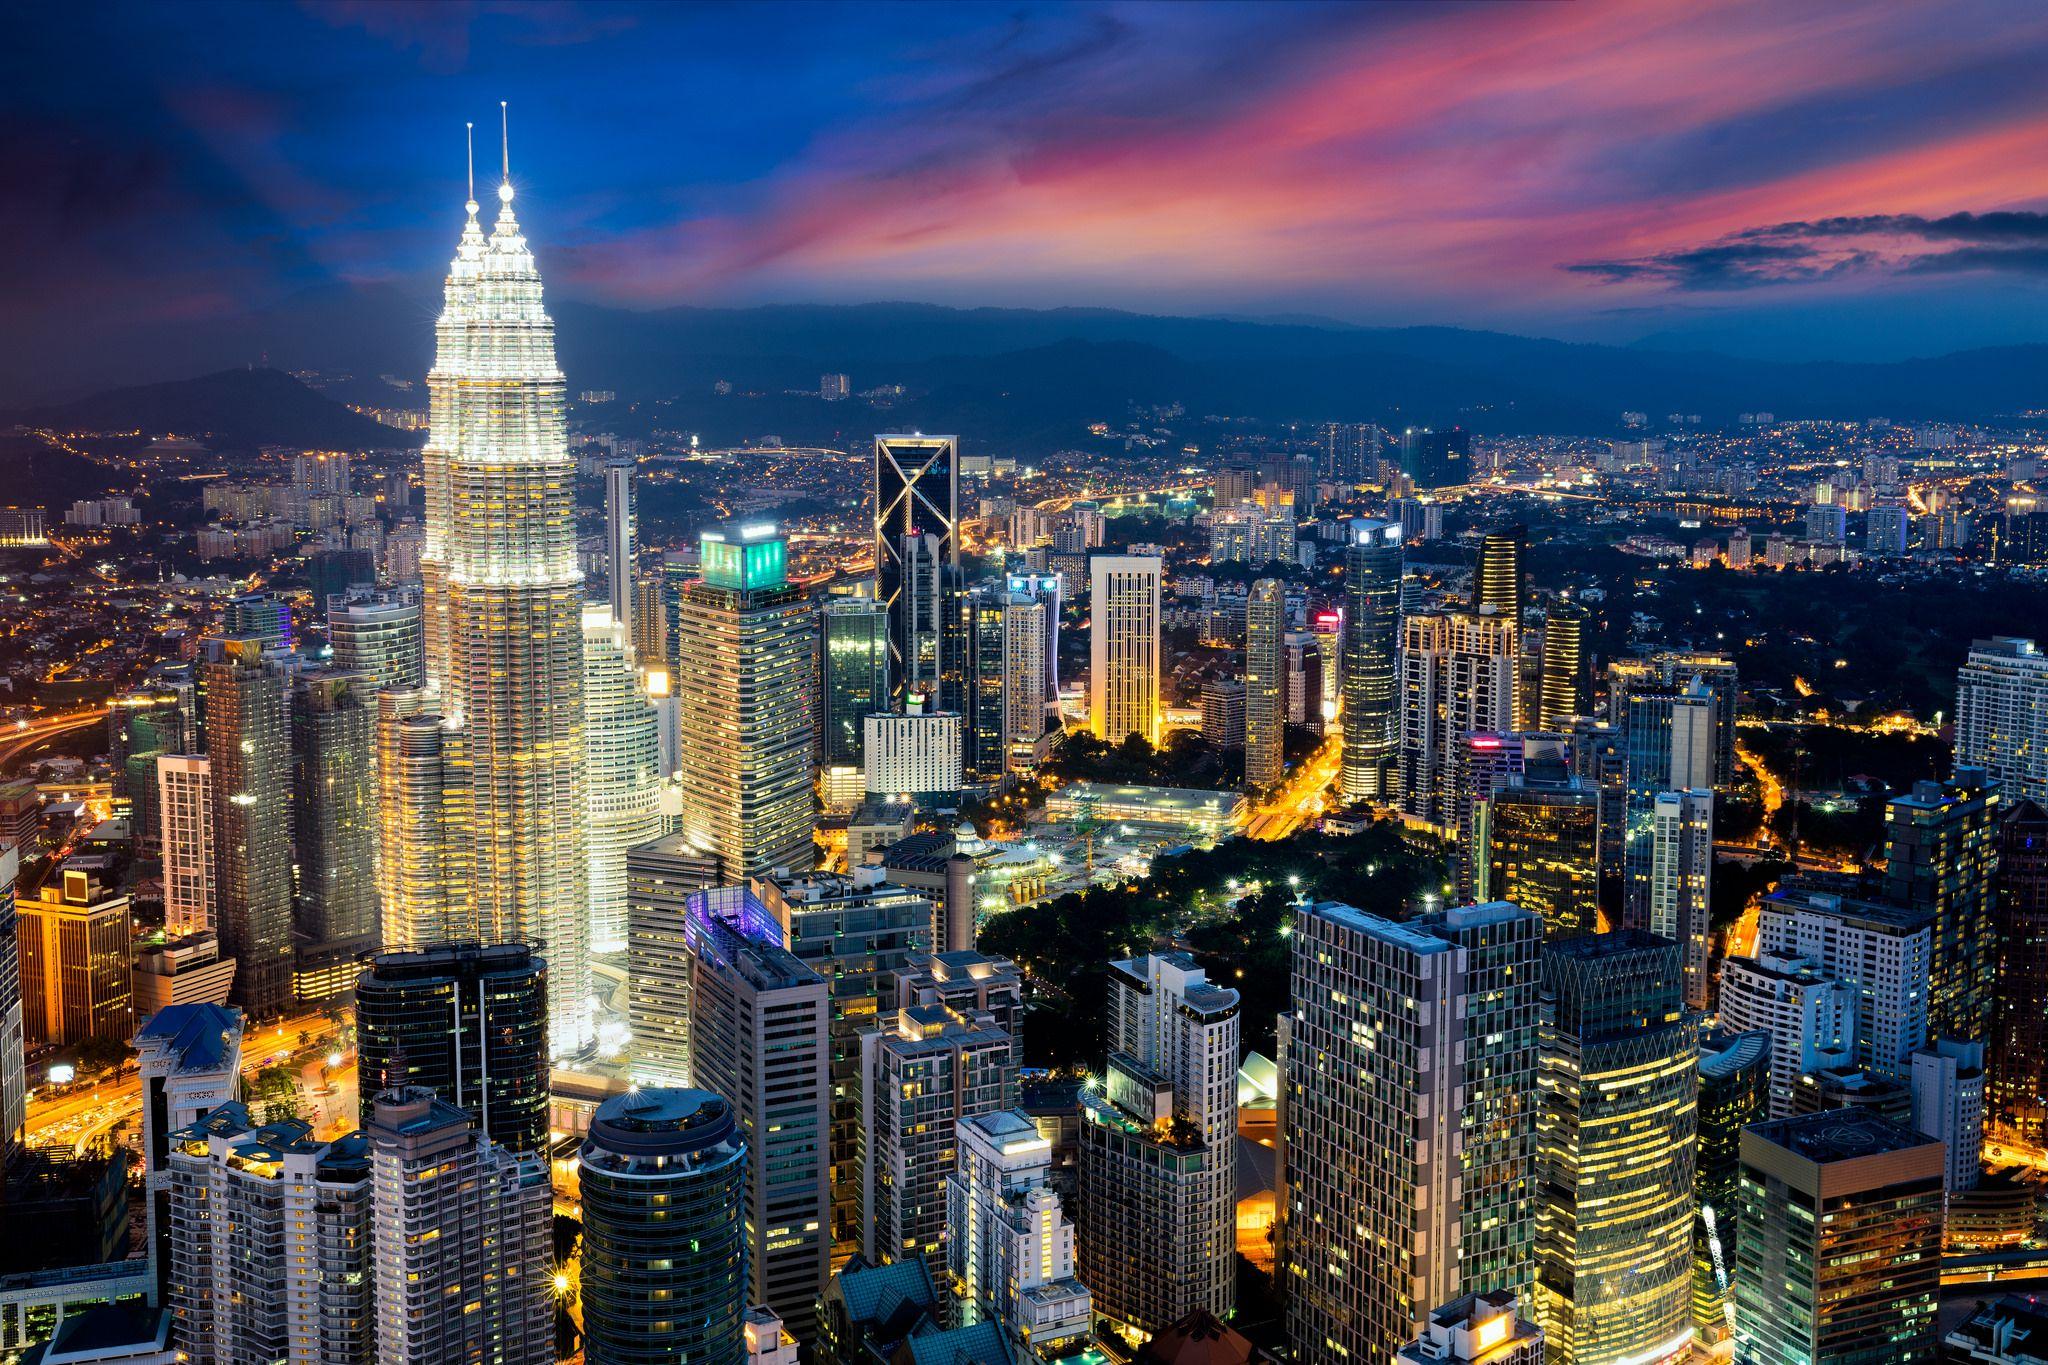 Pin On Ipad Pro Others Wallpaper: Kuala Lumpur Malaysia [2048 X 1365]. Wallpaper/ Background